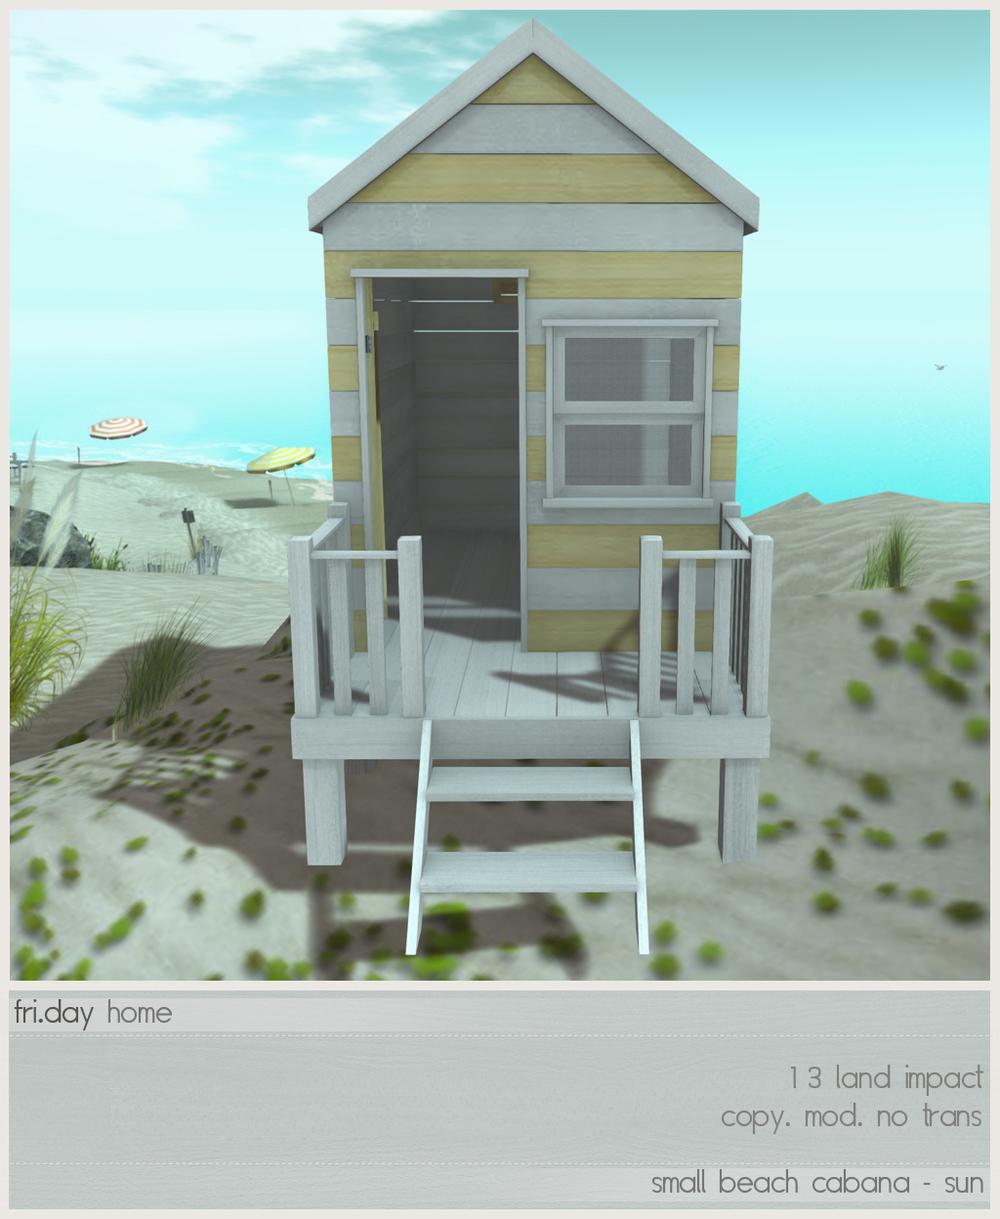 frihome - small beach cabana - sun ad.jpg